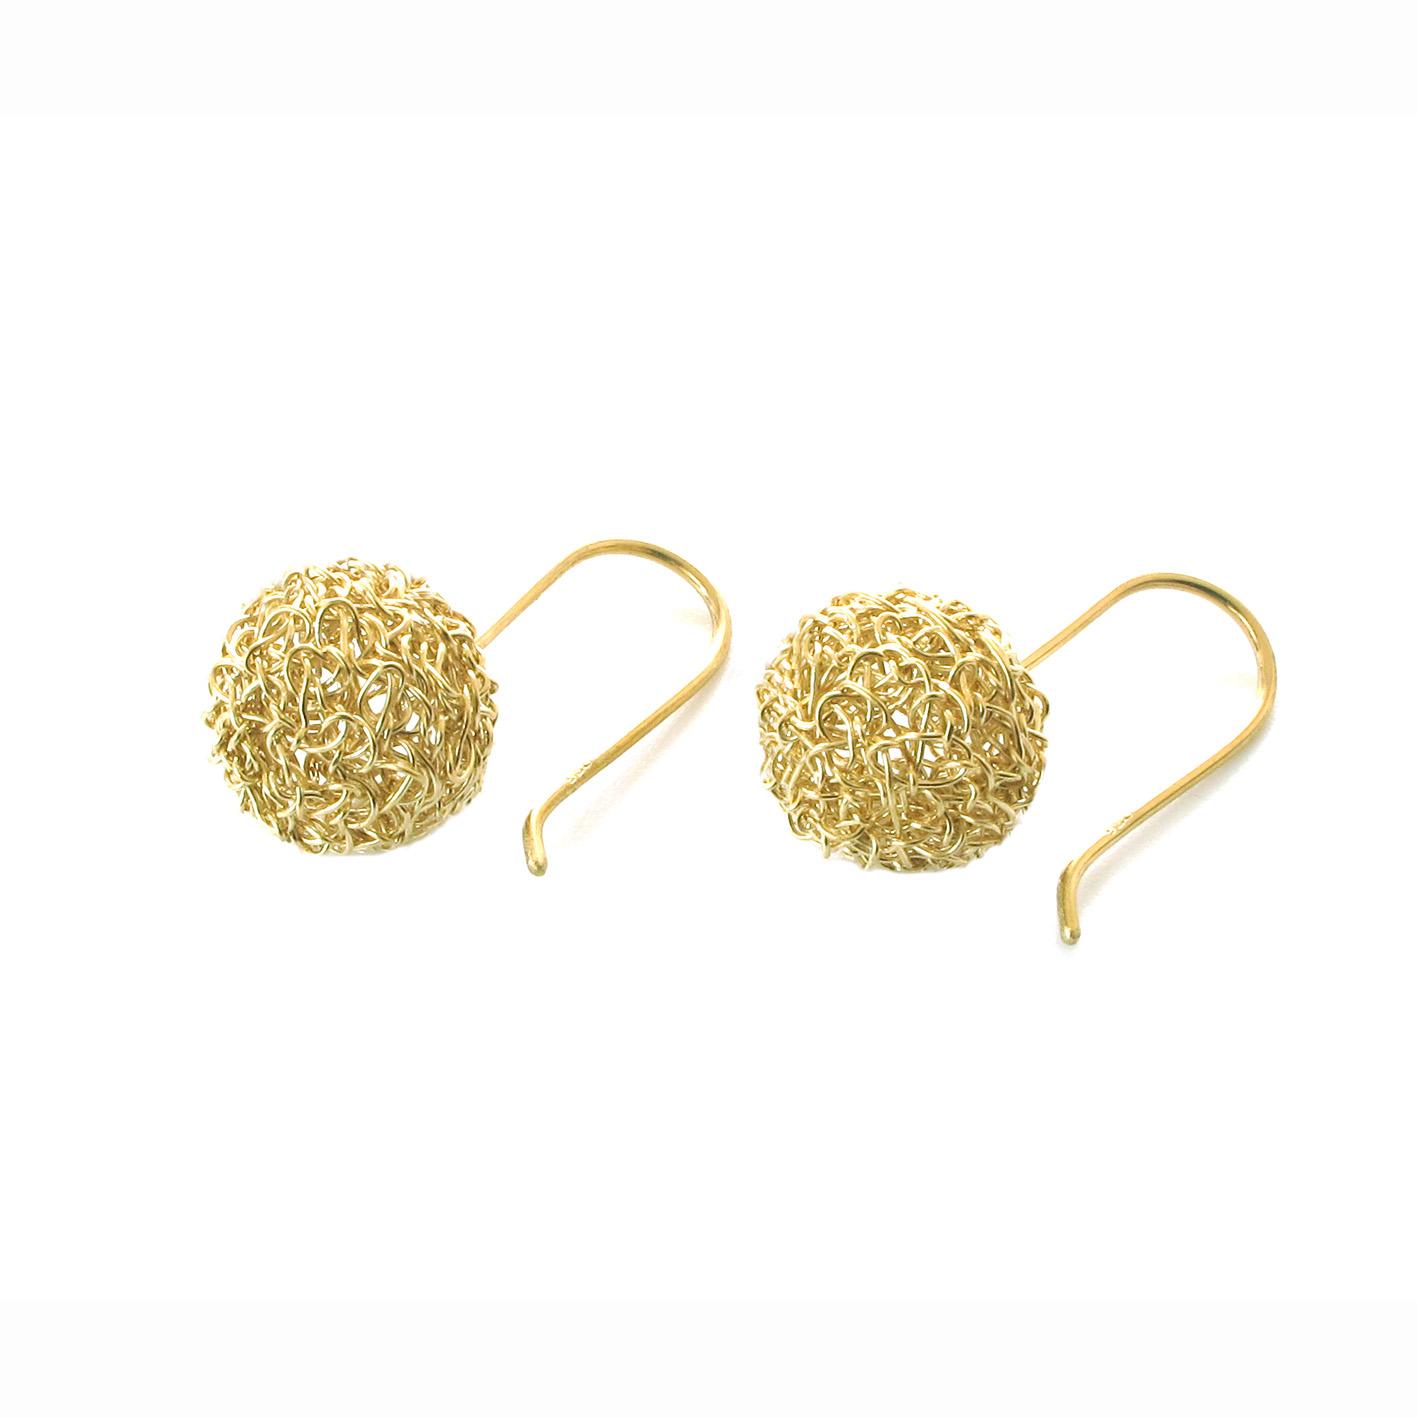 Boucles d'oreilles brodées, Bulles réalisées à la main au fil d'argent 950/000 doré à l'or fin 24 carats.